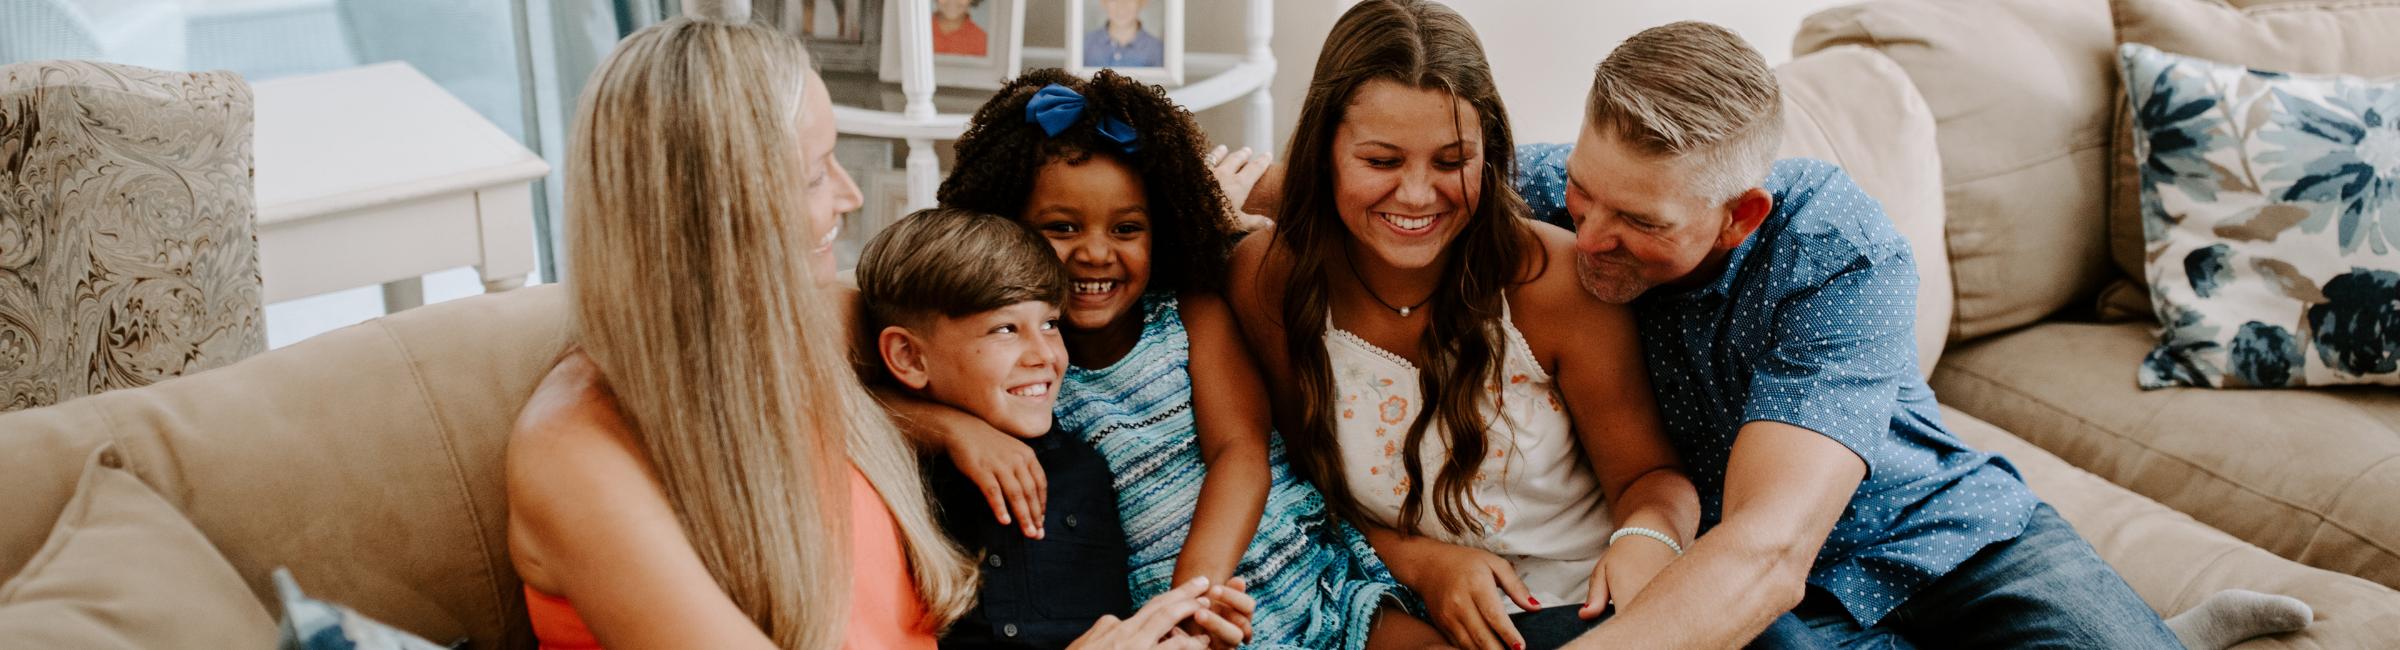 4KIDS Treasure Coast Foster Care